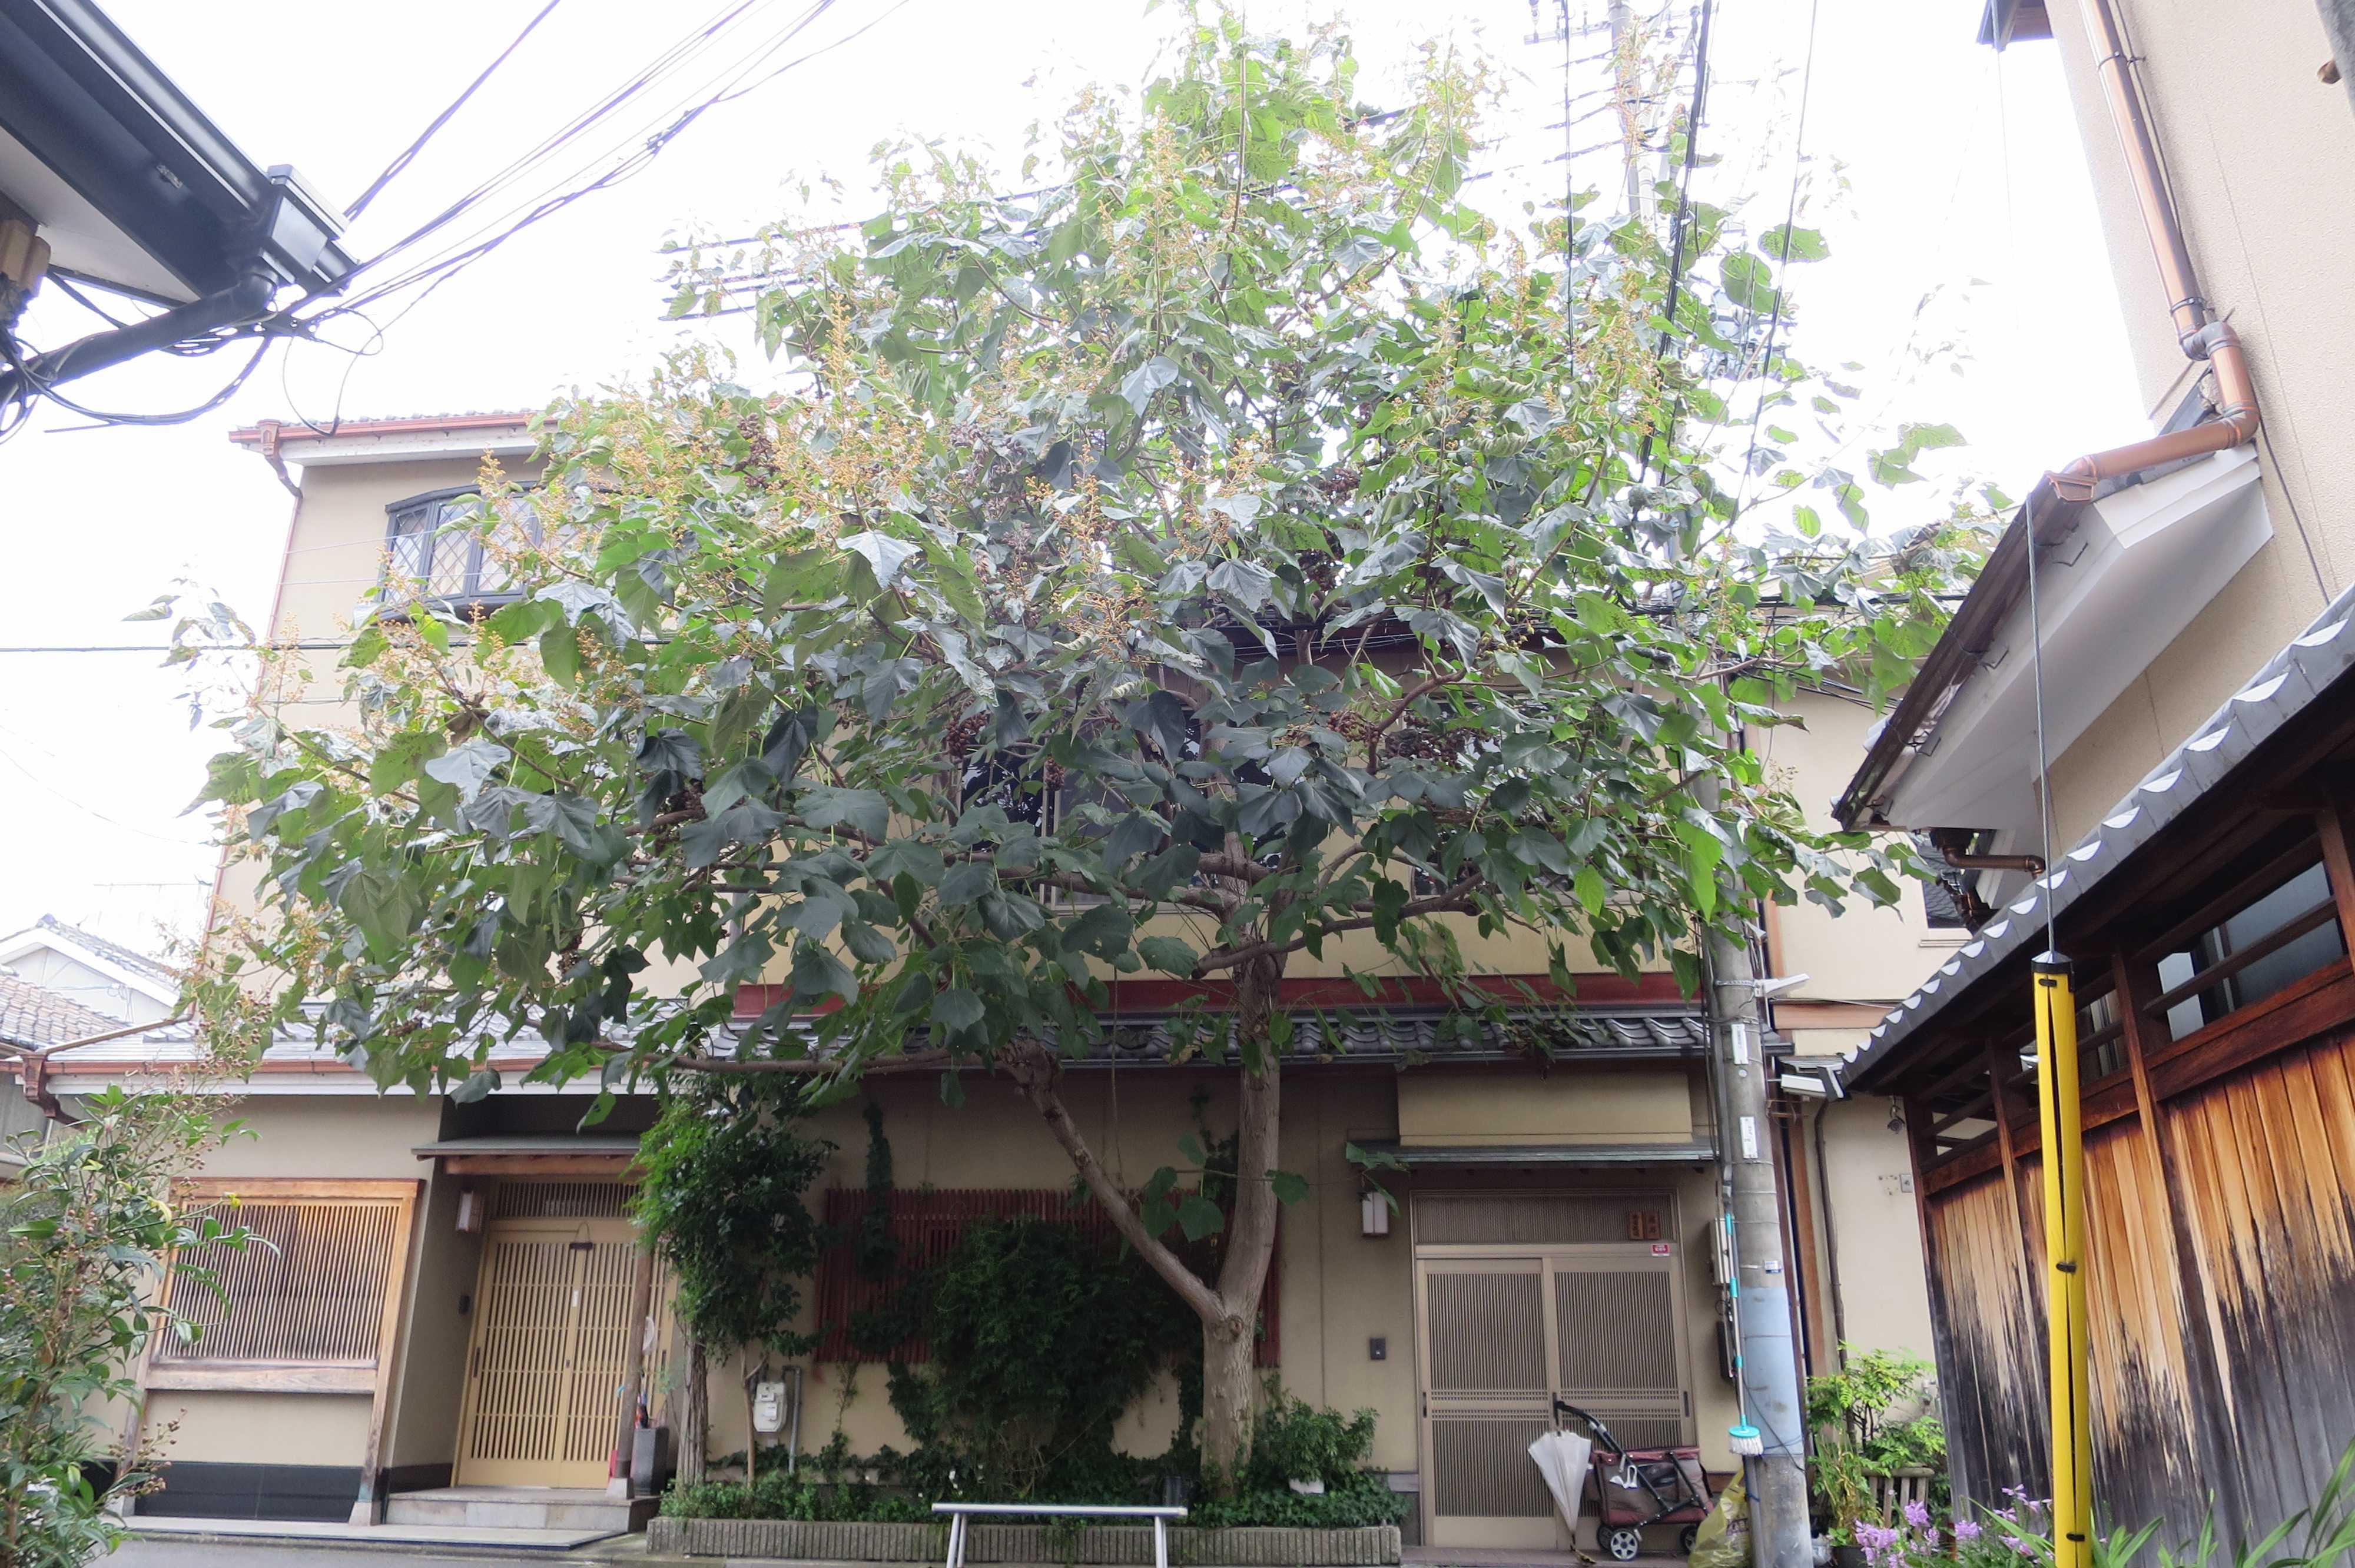 京都・五条楽園 - 桐(キリ)の木